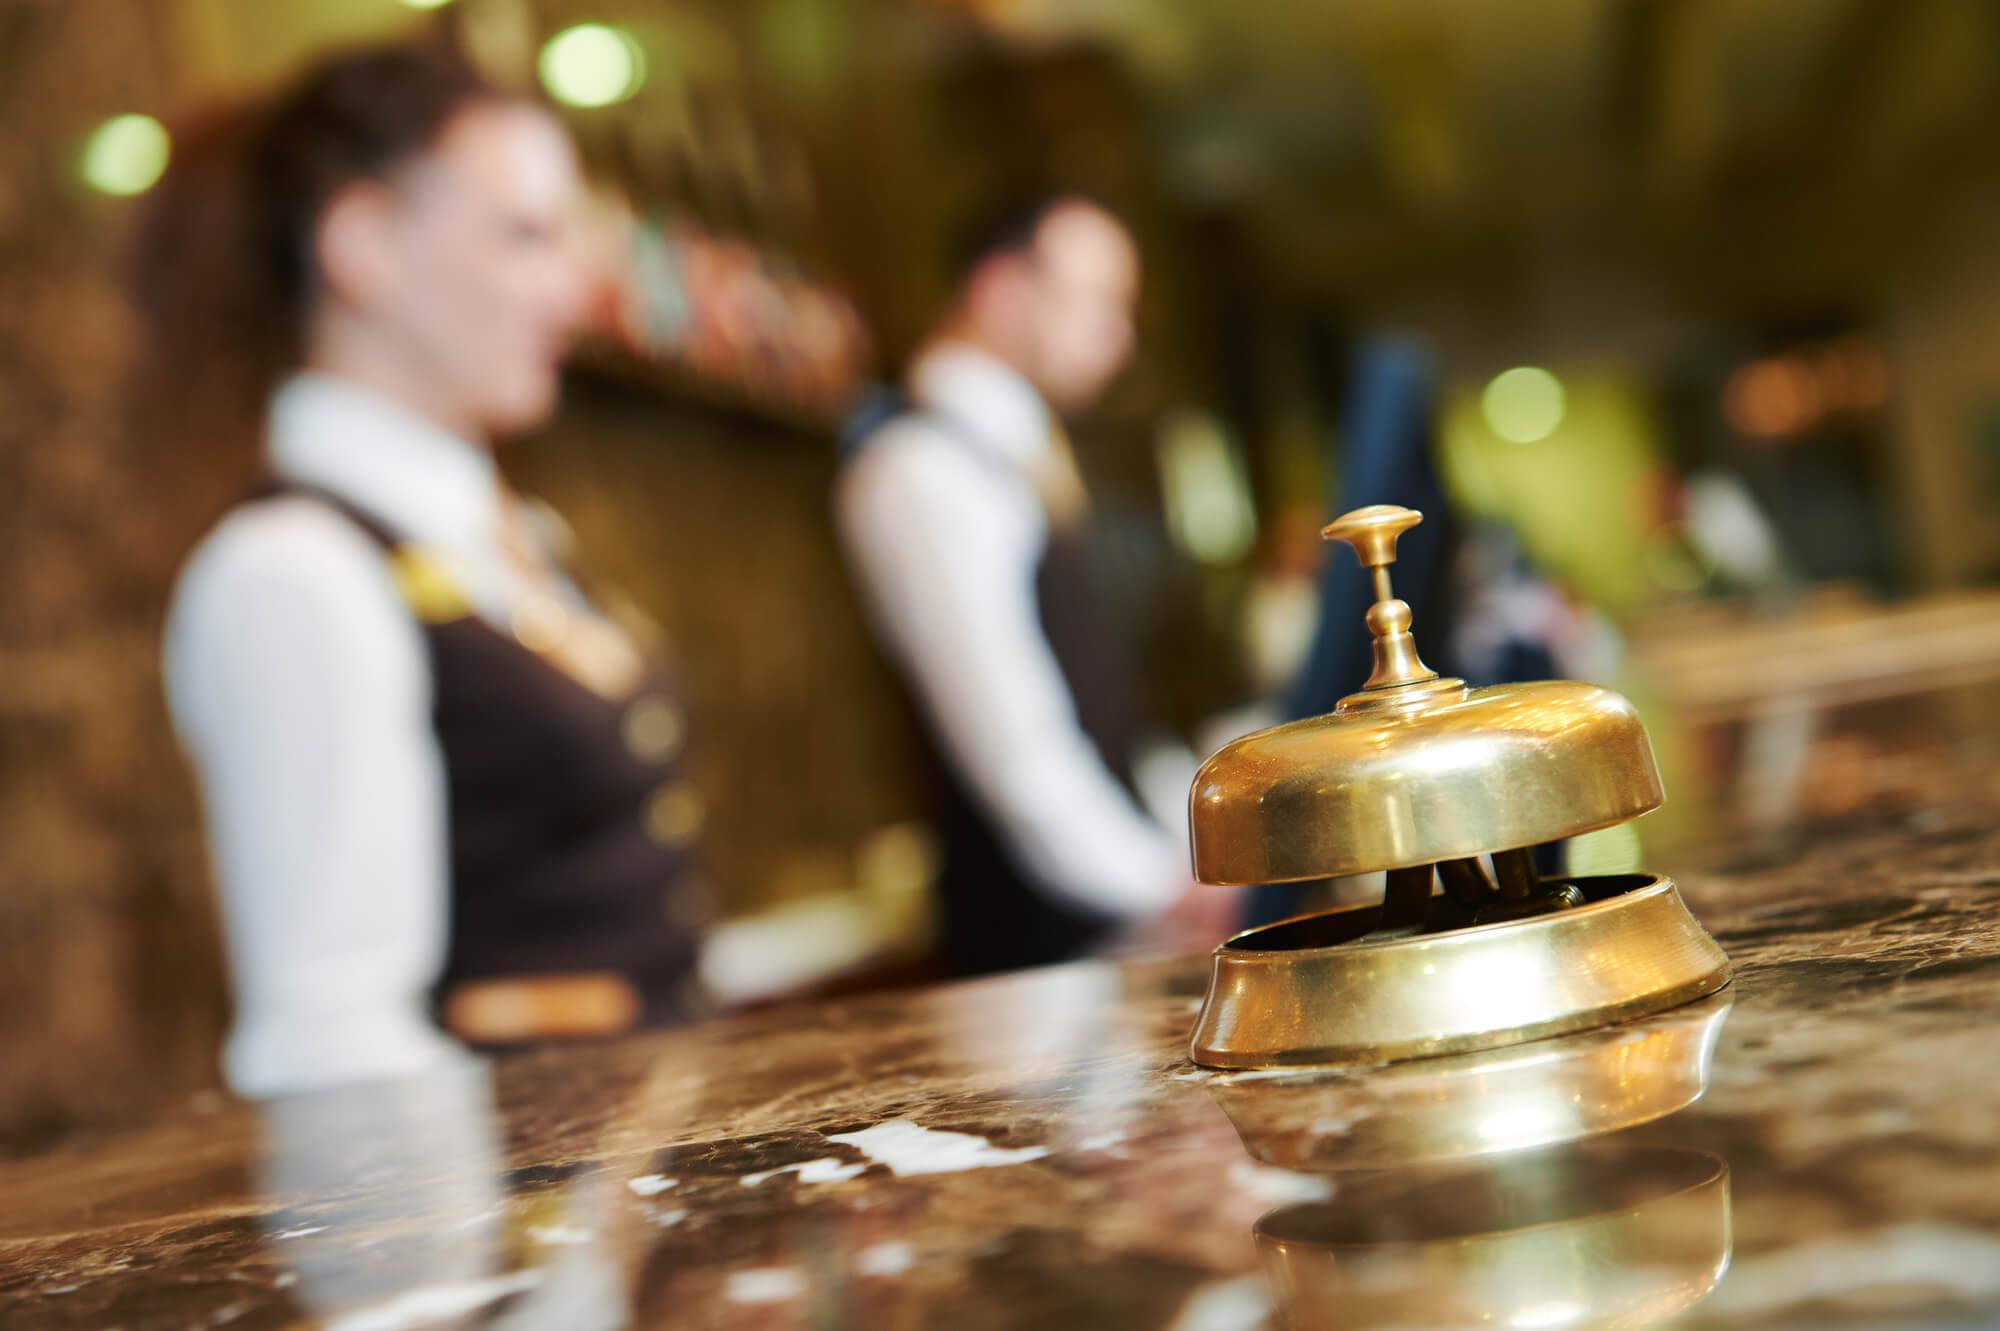 Wyzwania, przed którymi stoi branża hotelarska